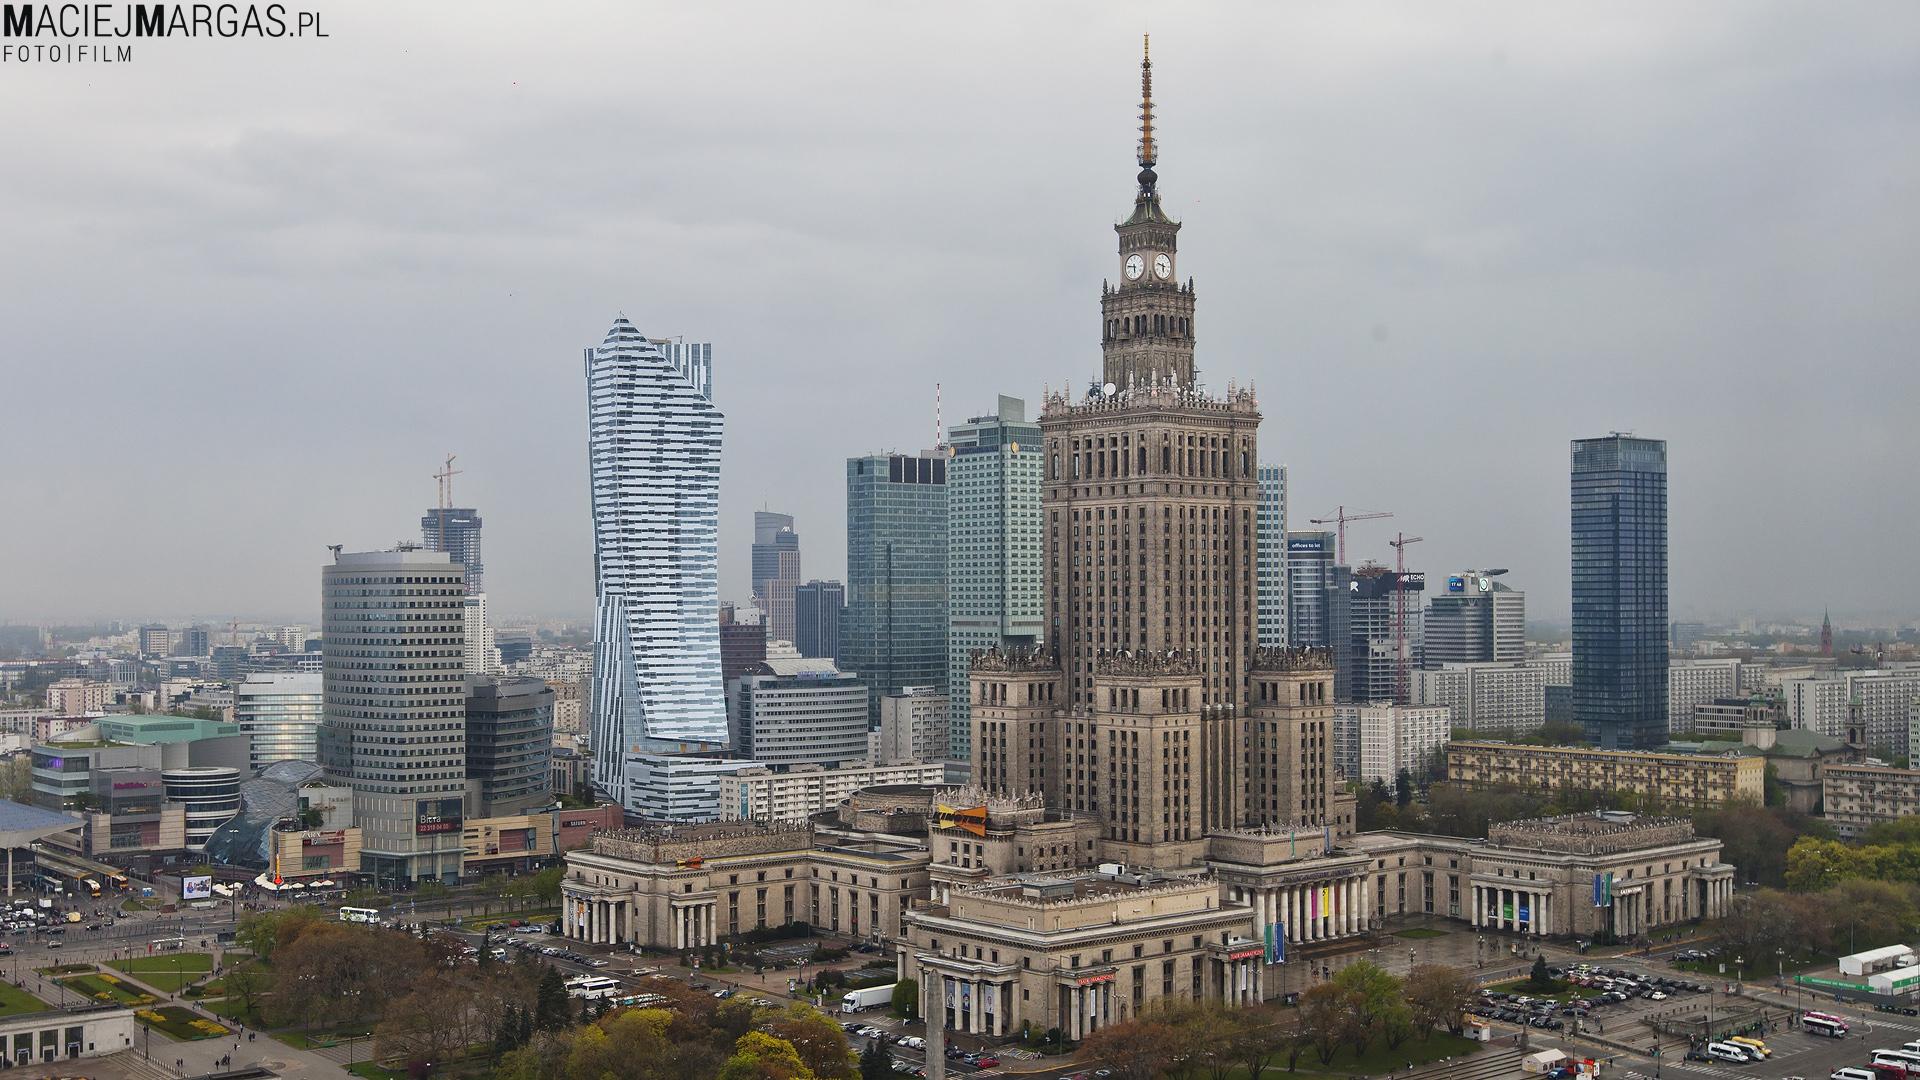 Jak zmieniła się panorama Warszawy w ciągu 6 lat?